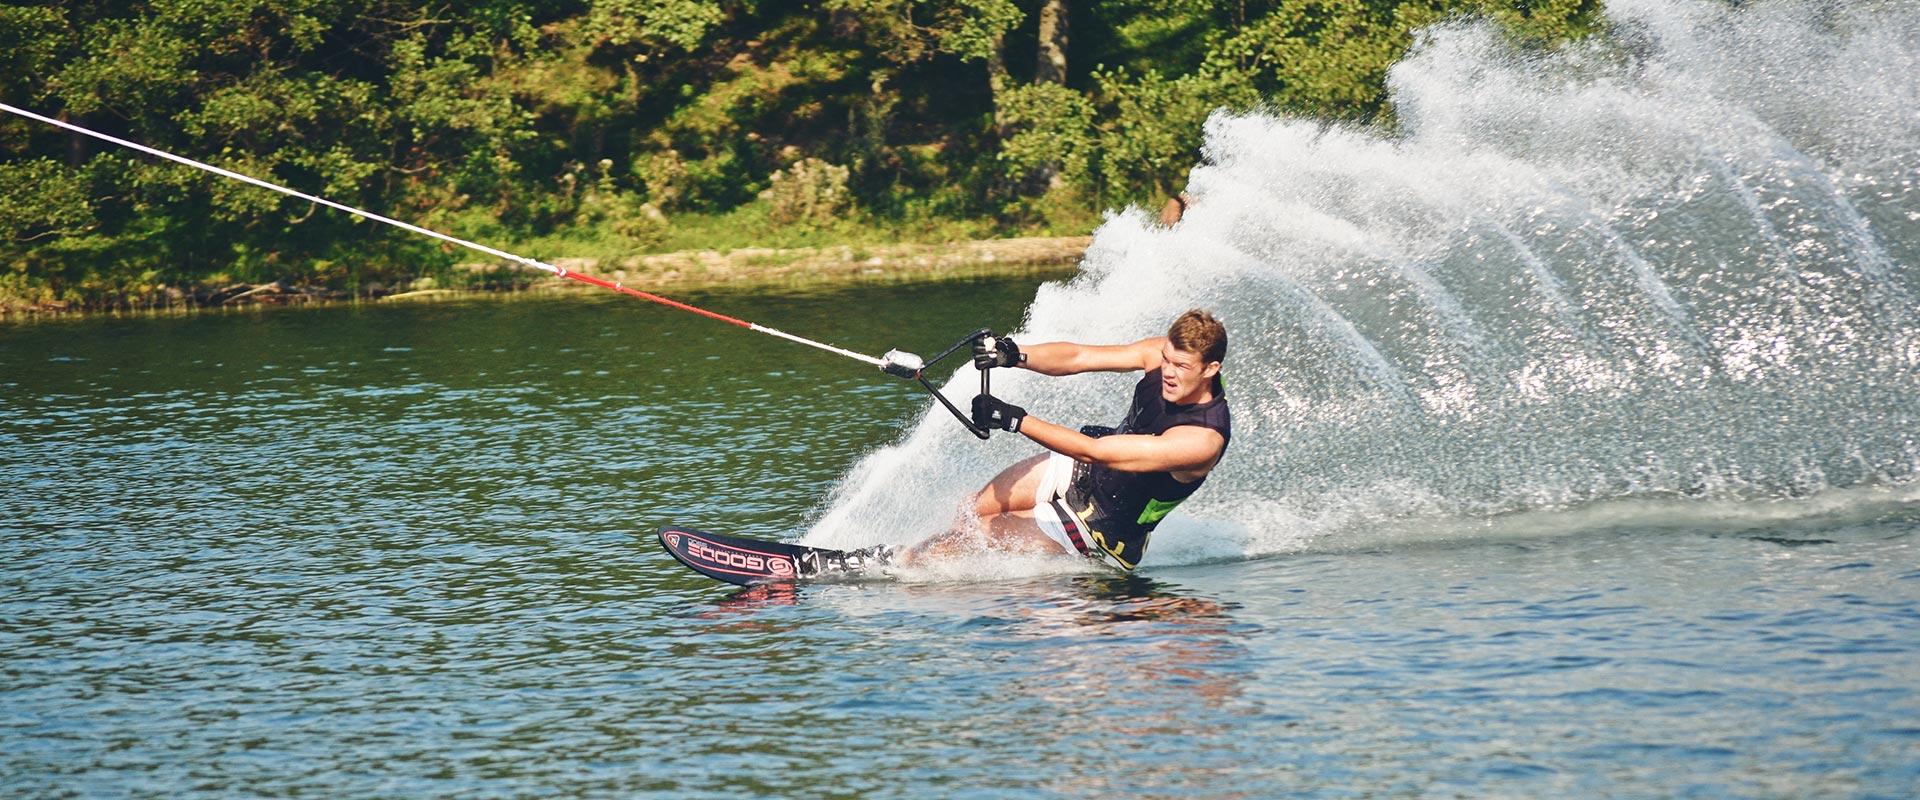 Zmiana godzin pracy wyciągu do nart wodnych i wakeboardu